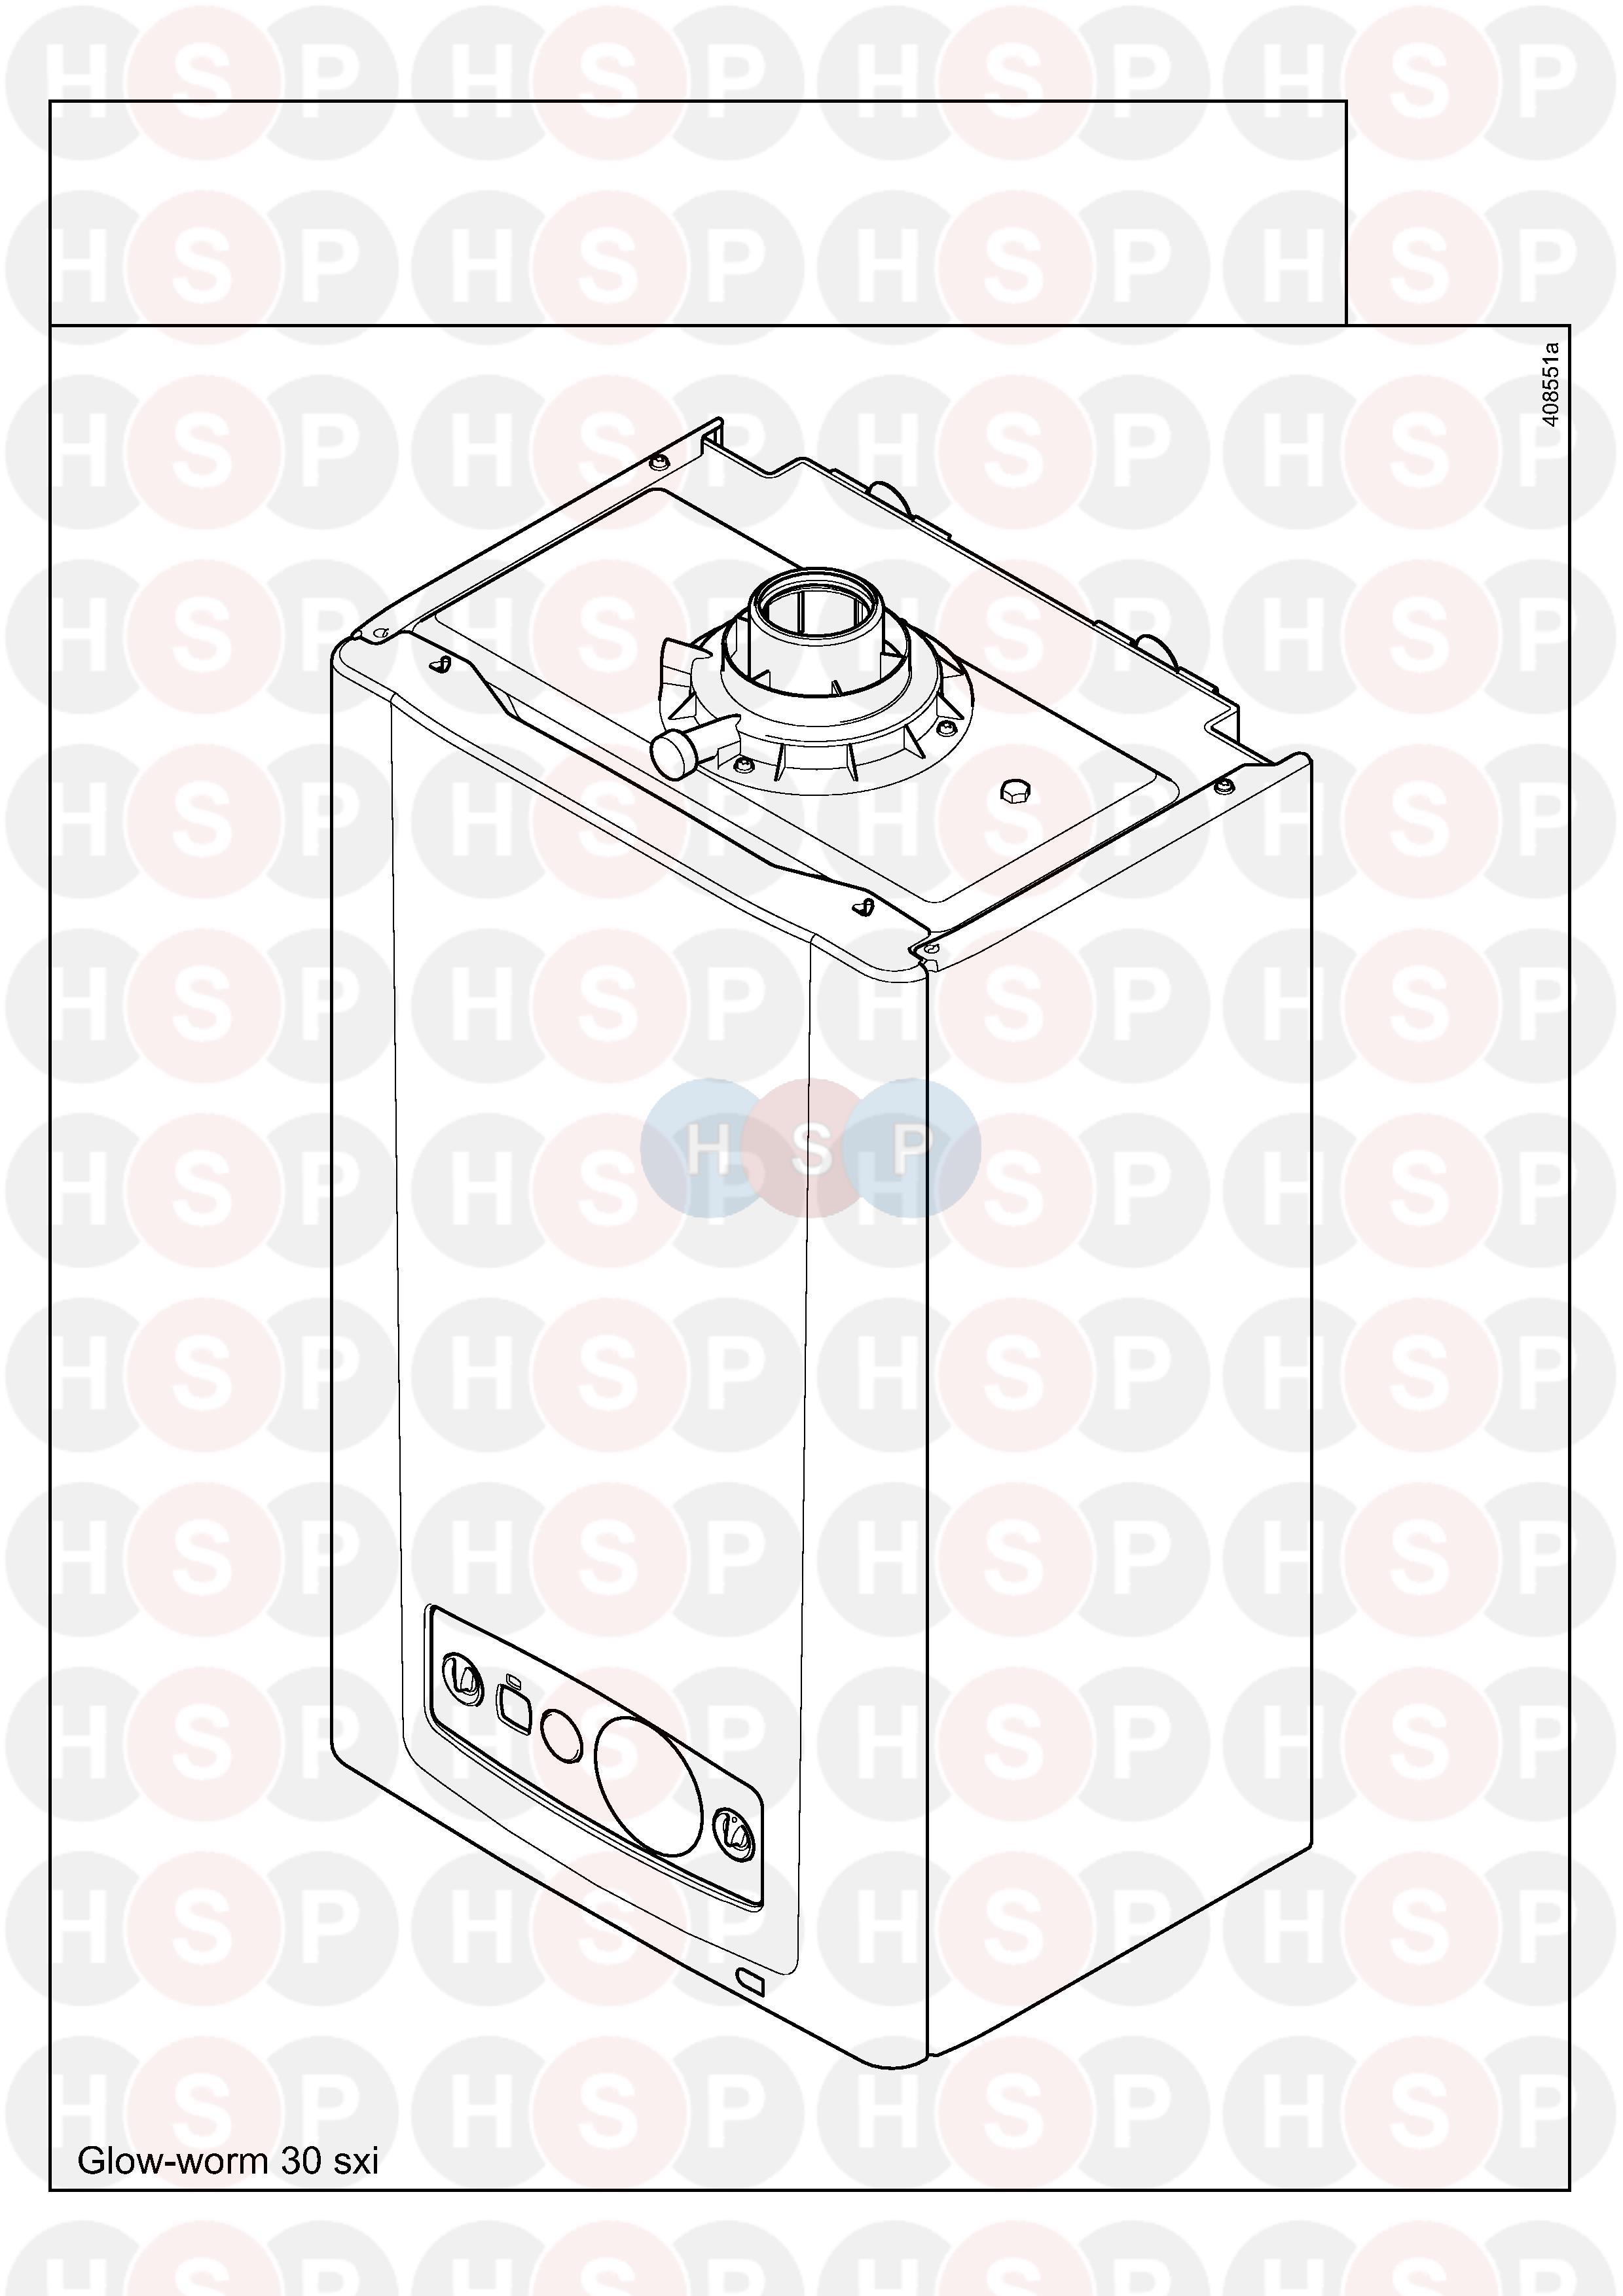 Glowworm GLOWWORM 30SXI (Appliance overview) Diagram